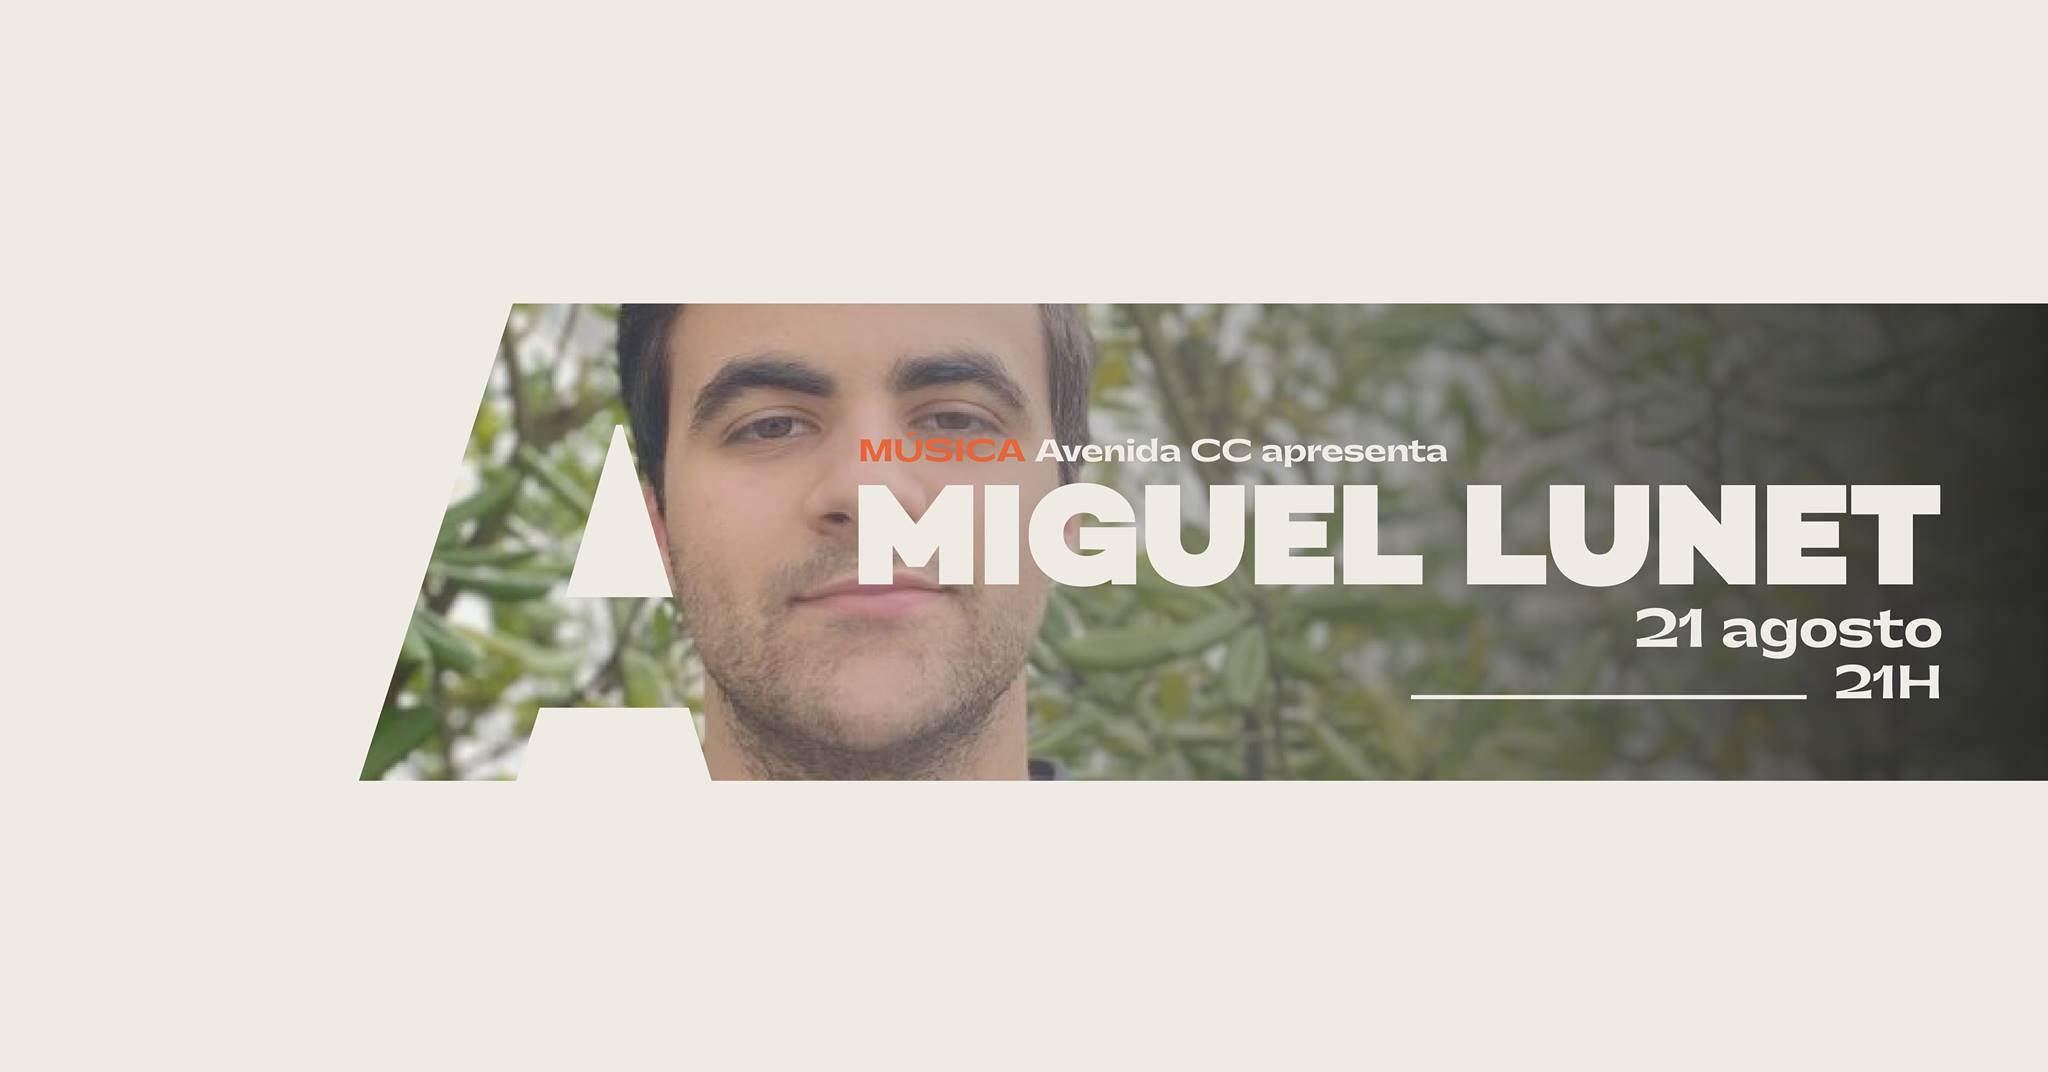 AvenidaCC apresenta Miguel Lunet @Avenida Café-Concerto